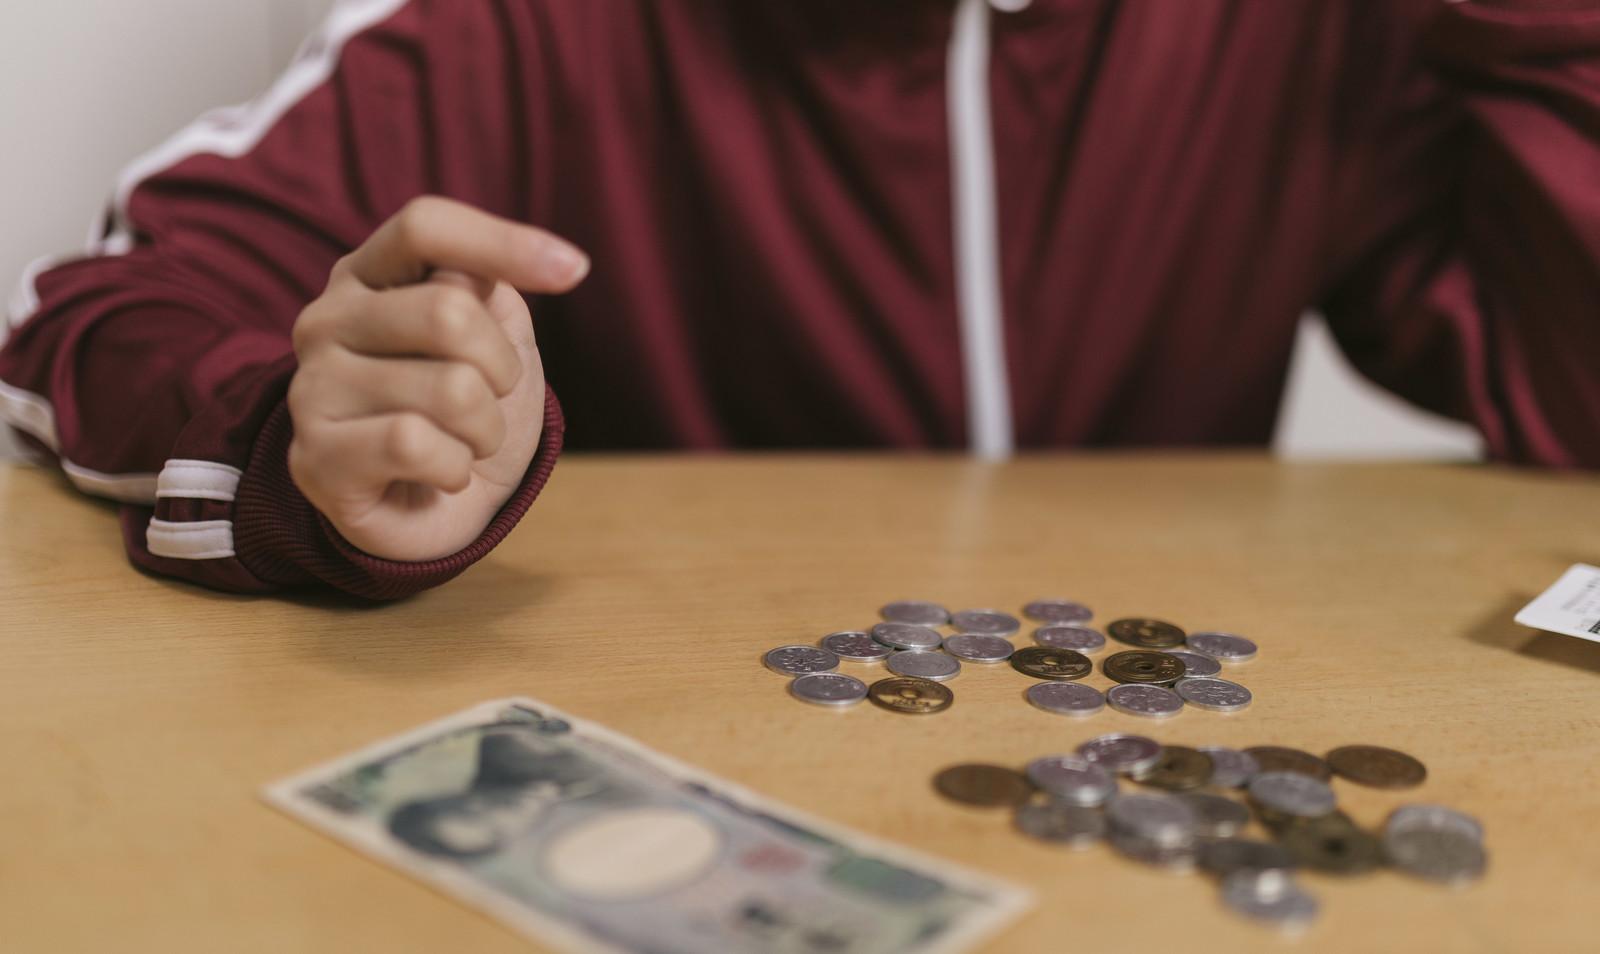 正社員なのに年収200万円はすぐに転職を考えるレベル、まだ派遣社員の方がましかも